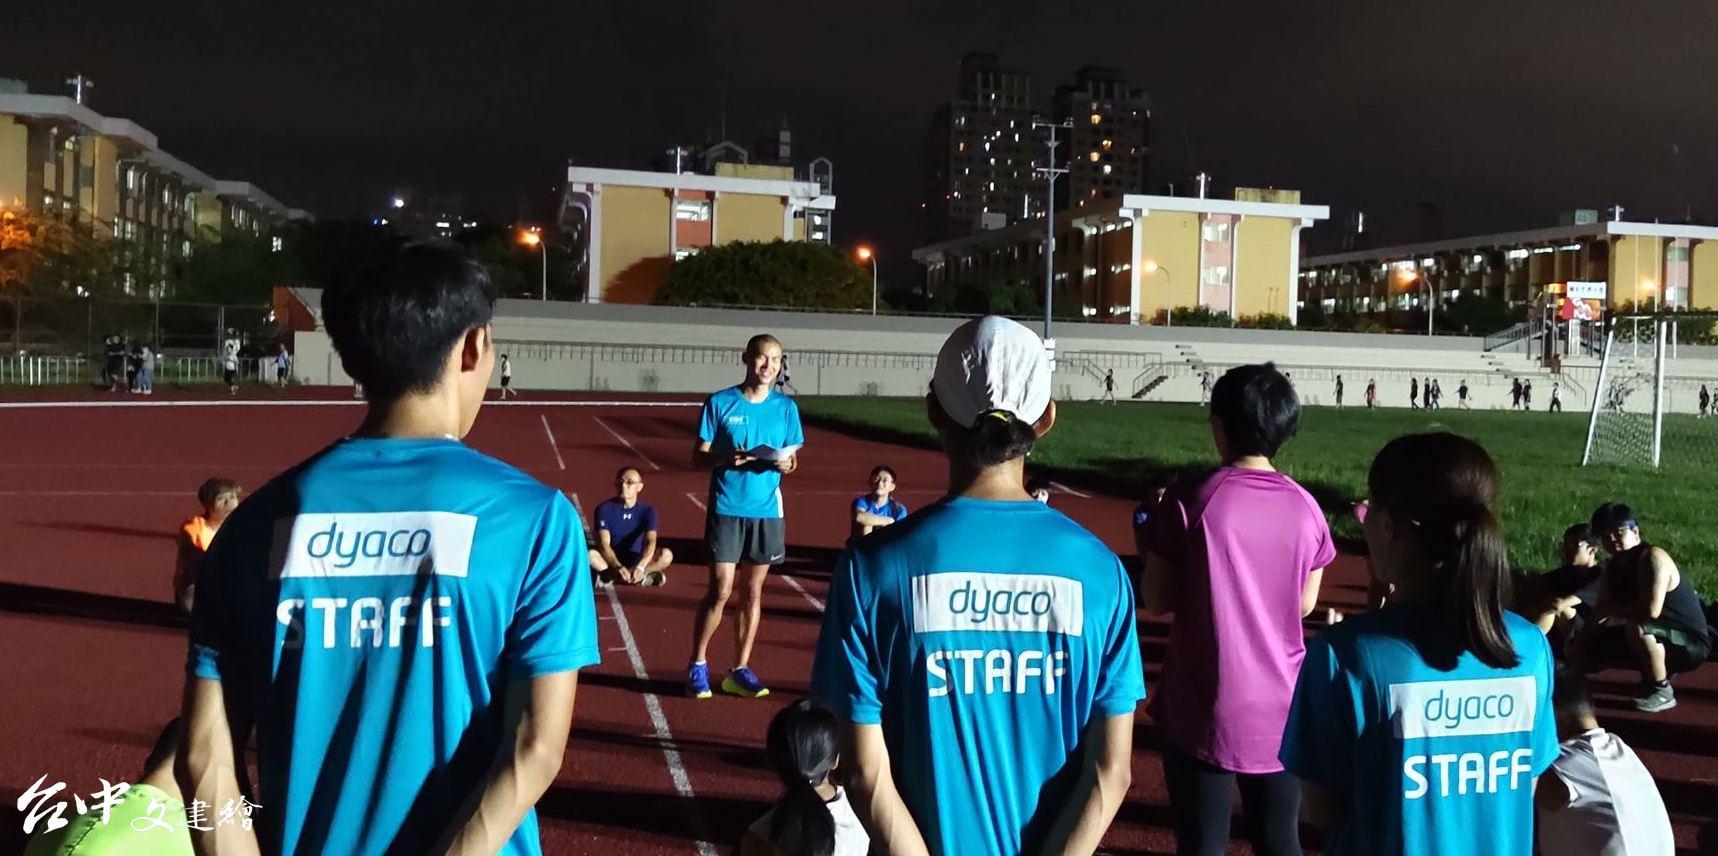 岱宇台中馬拉松因武漢肺炎停辦,特別聯合長跑奇才李翰暄打造三個月的跑玩訓練。(圖片來源:「李翰暄Han-Hsuan Li」粉專)